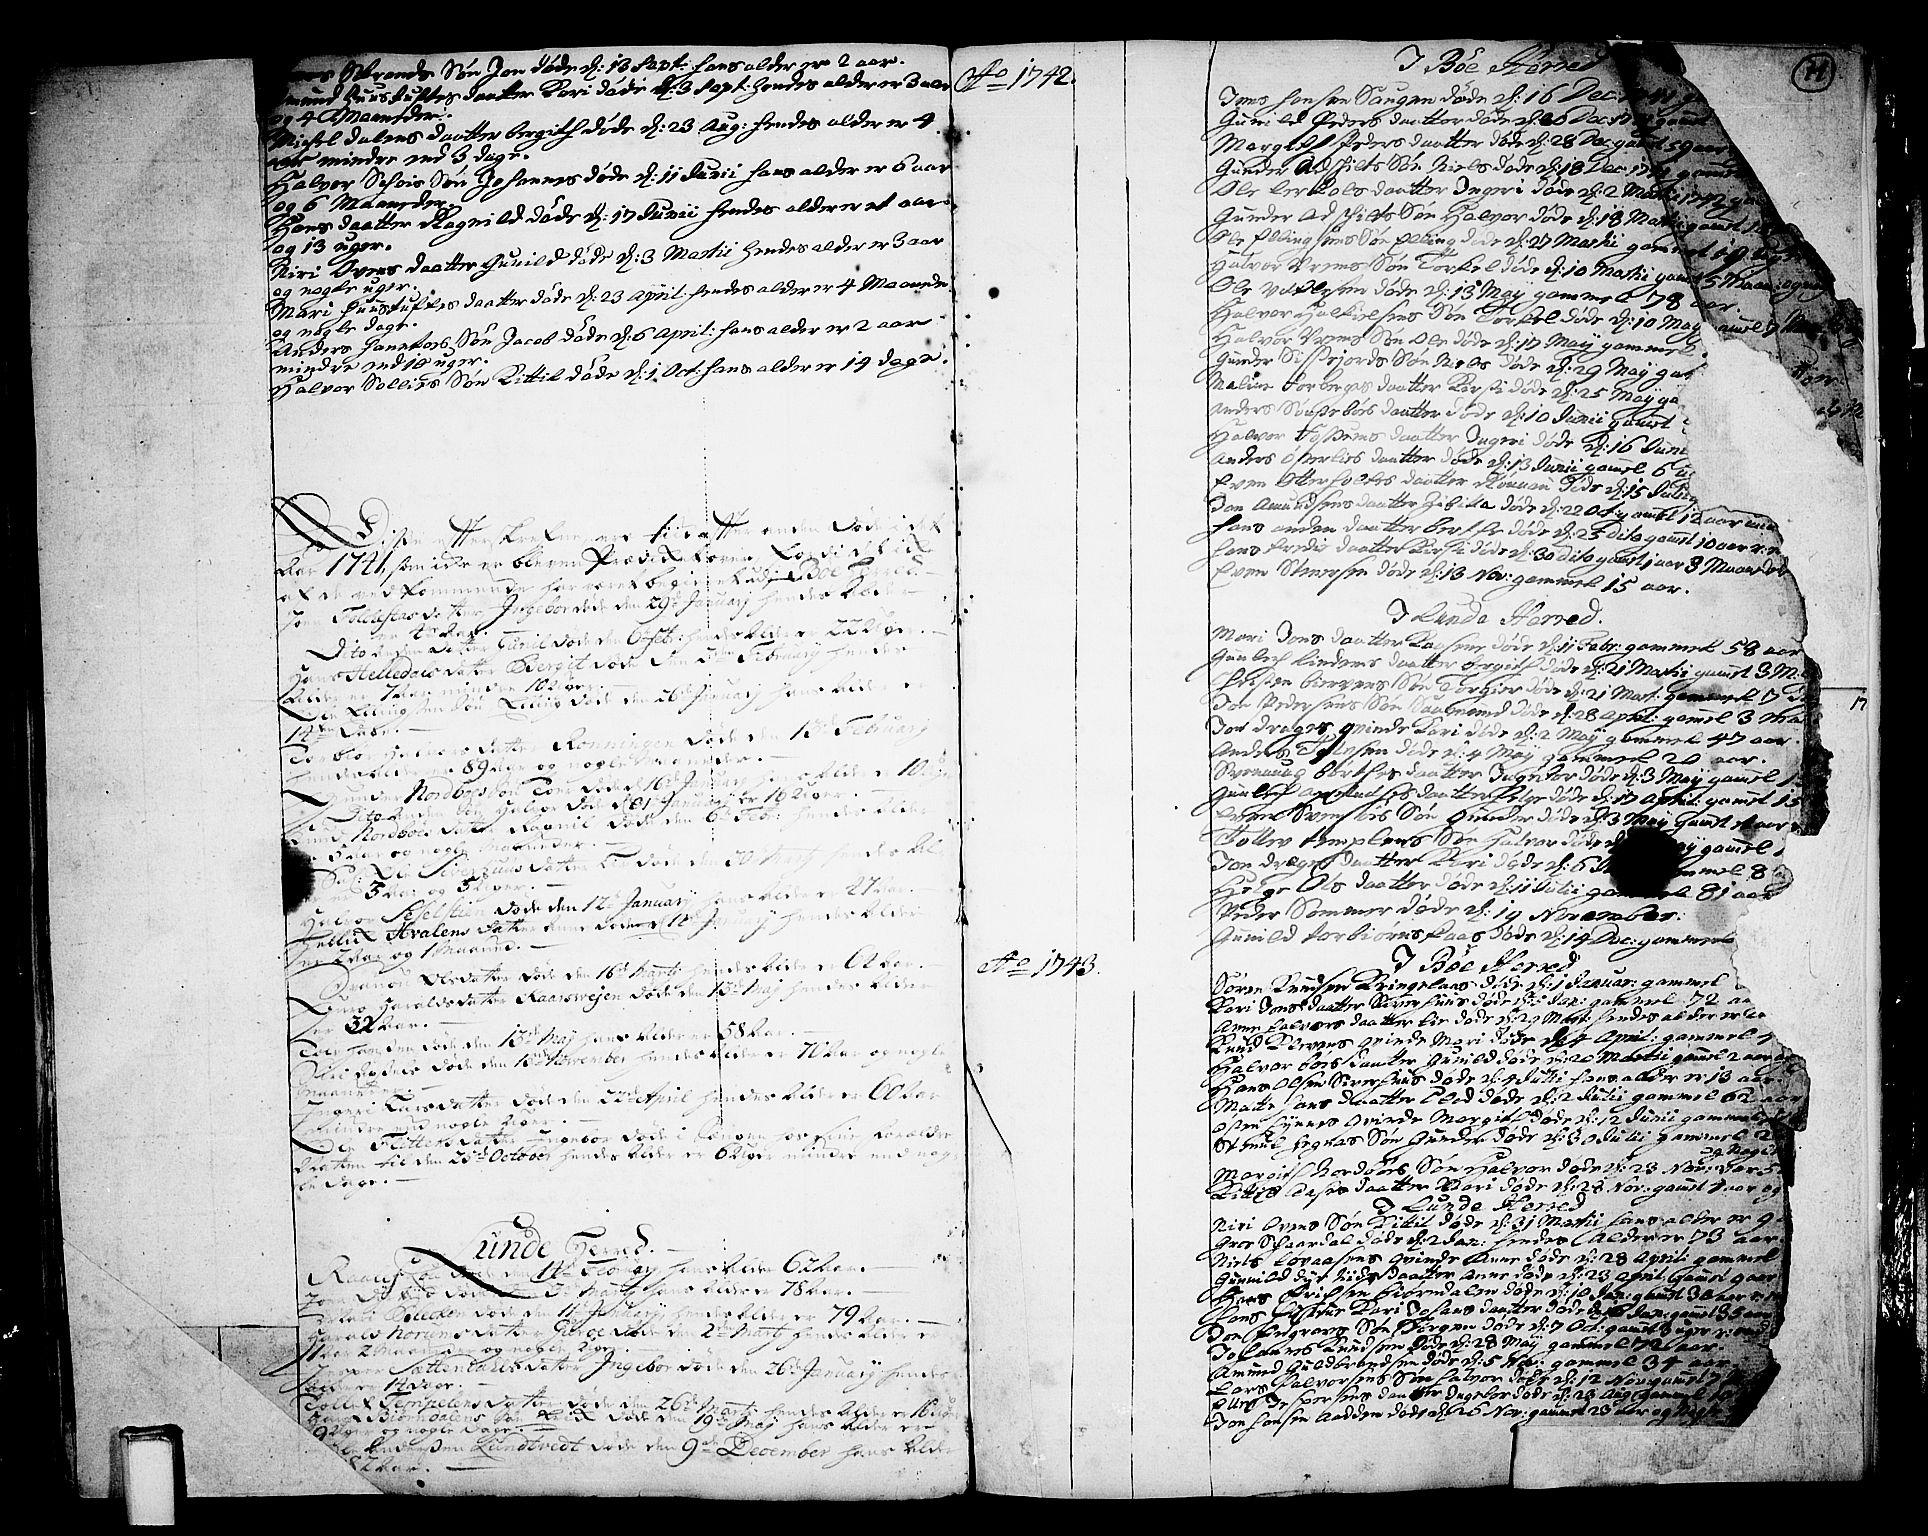 SAKO, Bø kirkebøker, F/Fa/L0003: Ministerialbok nr. 3, 1733-1748, s. 71